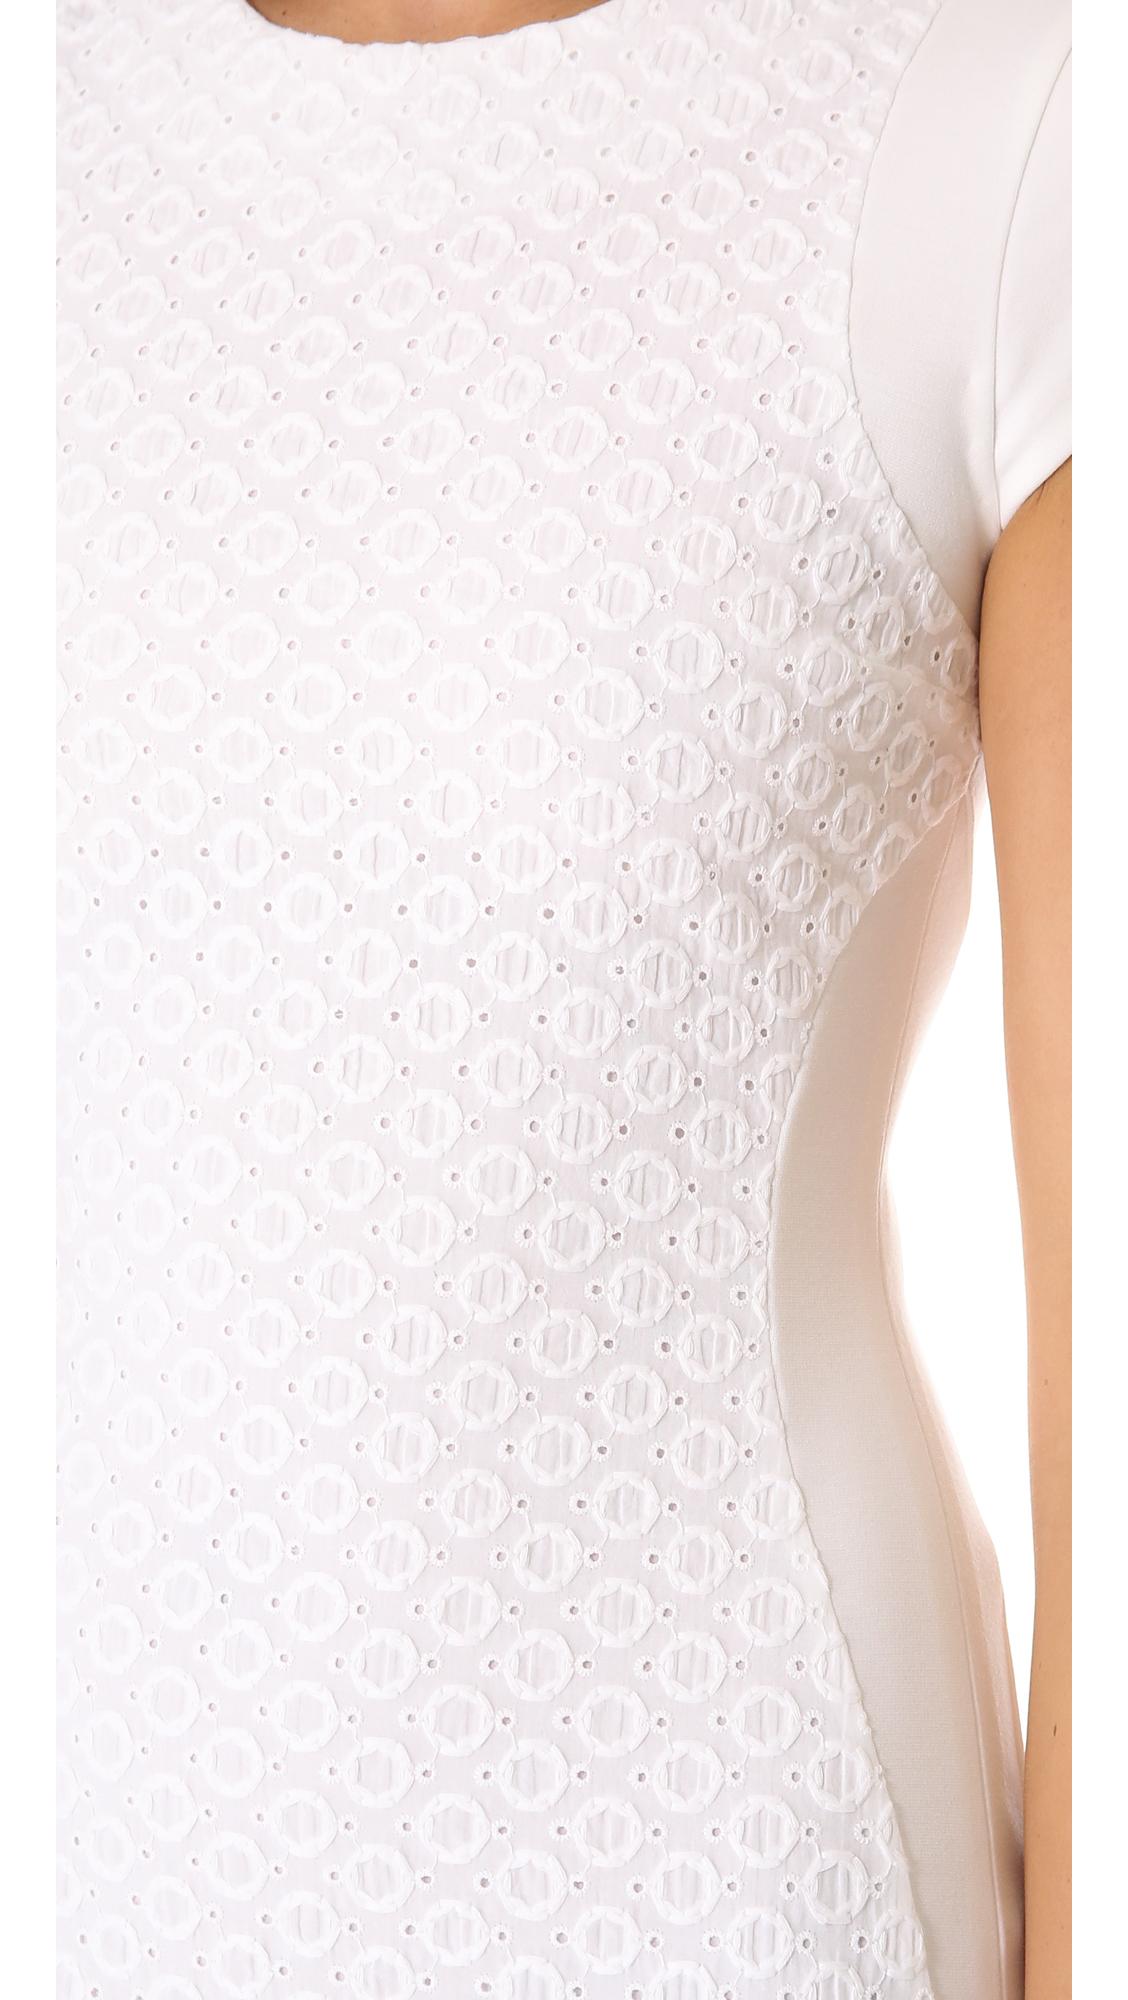 Dvf white eyelet dress